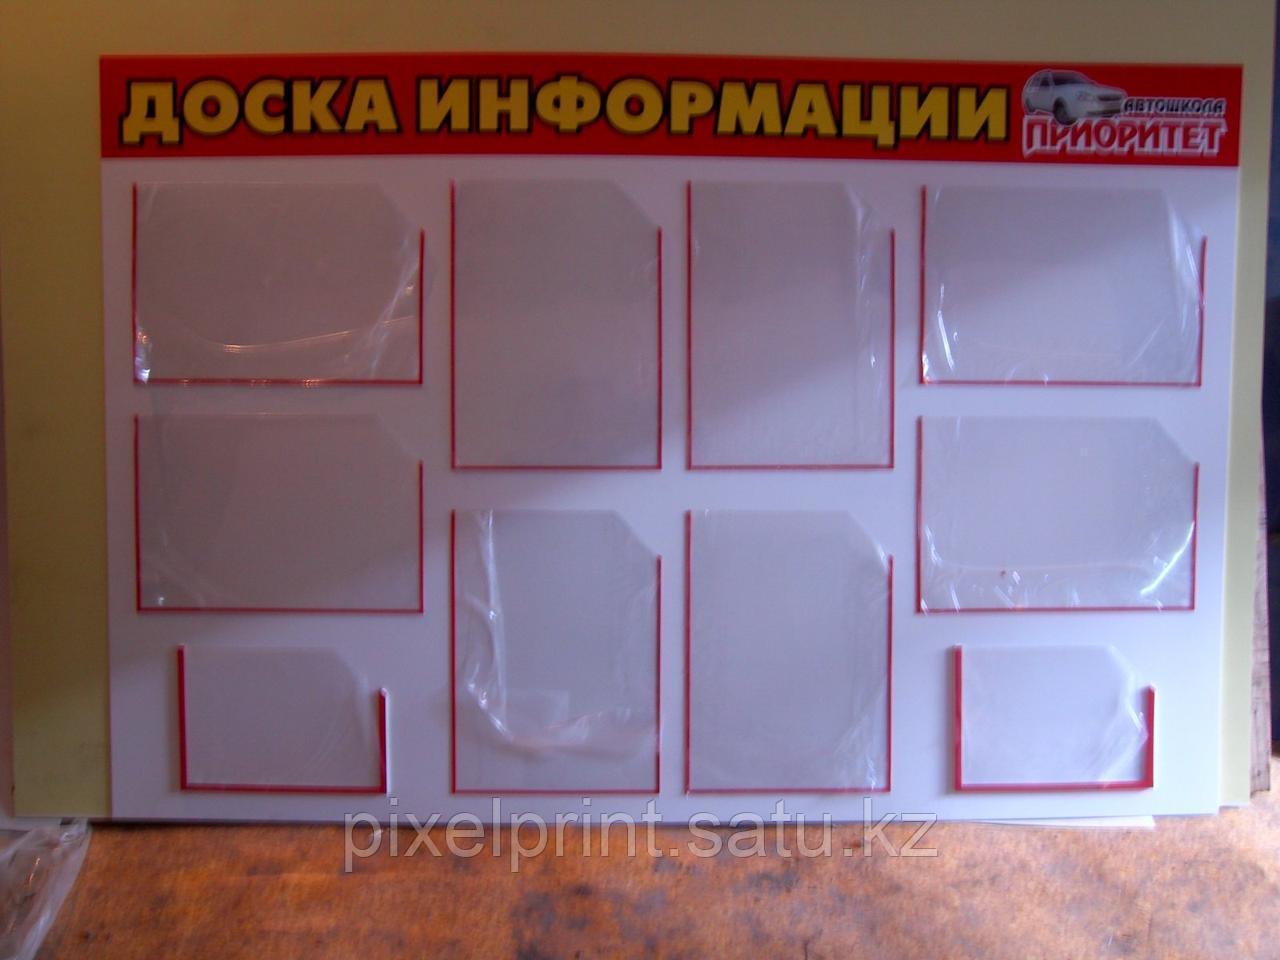 Изготовление стендов для школы